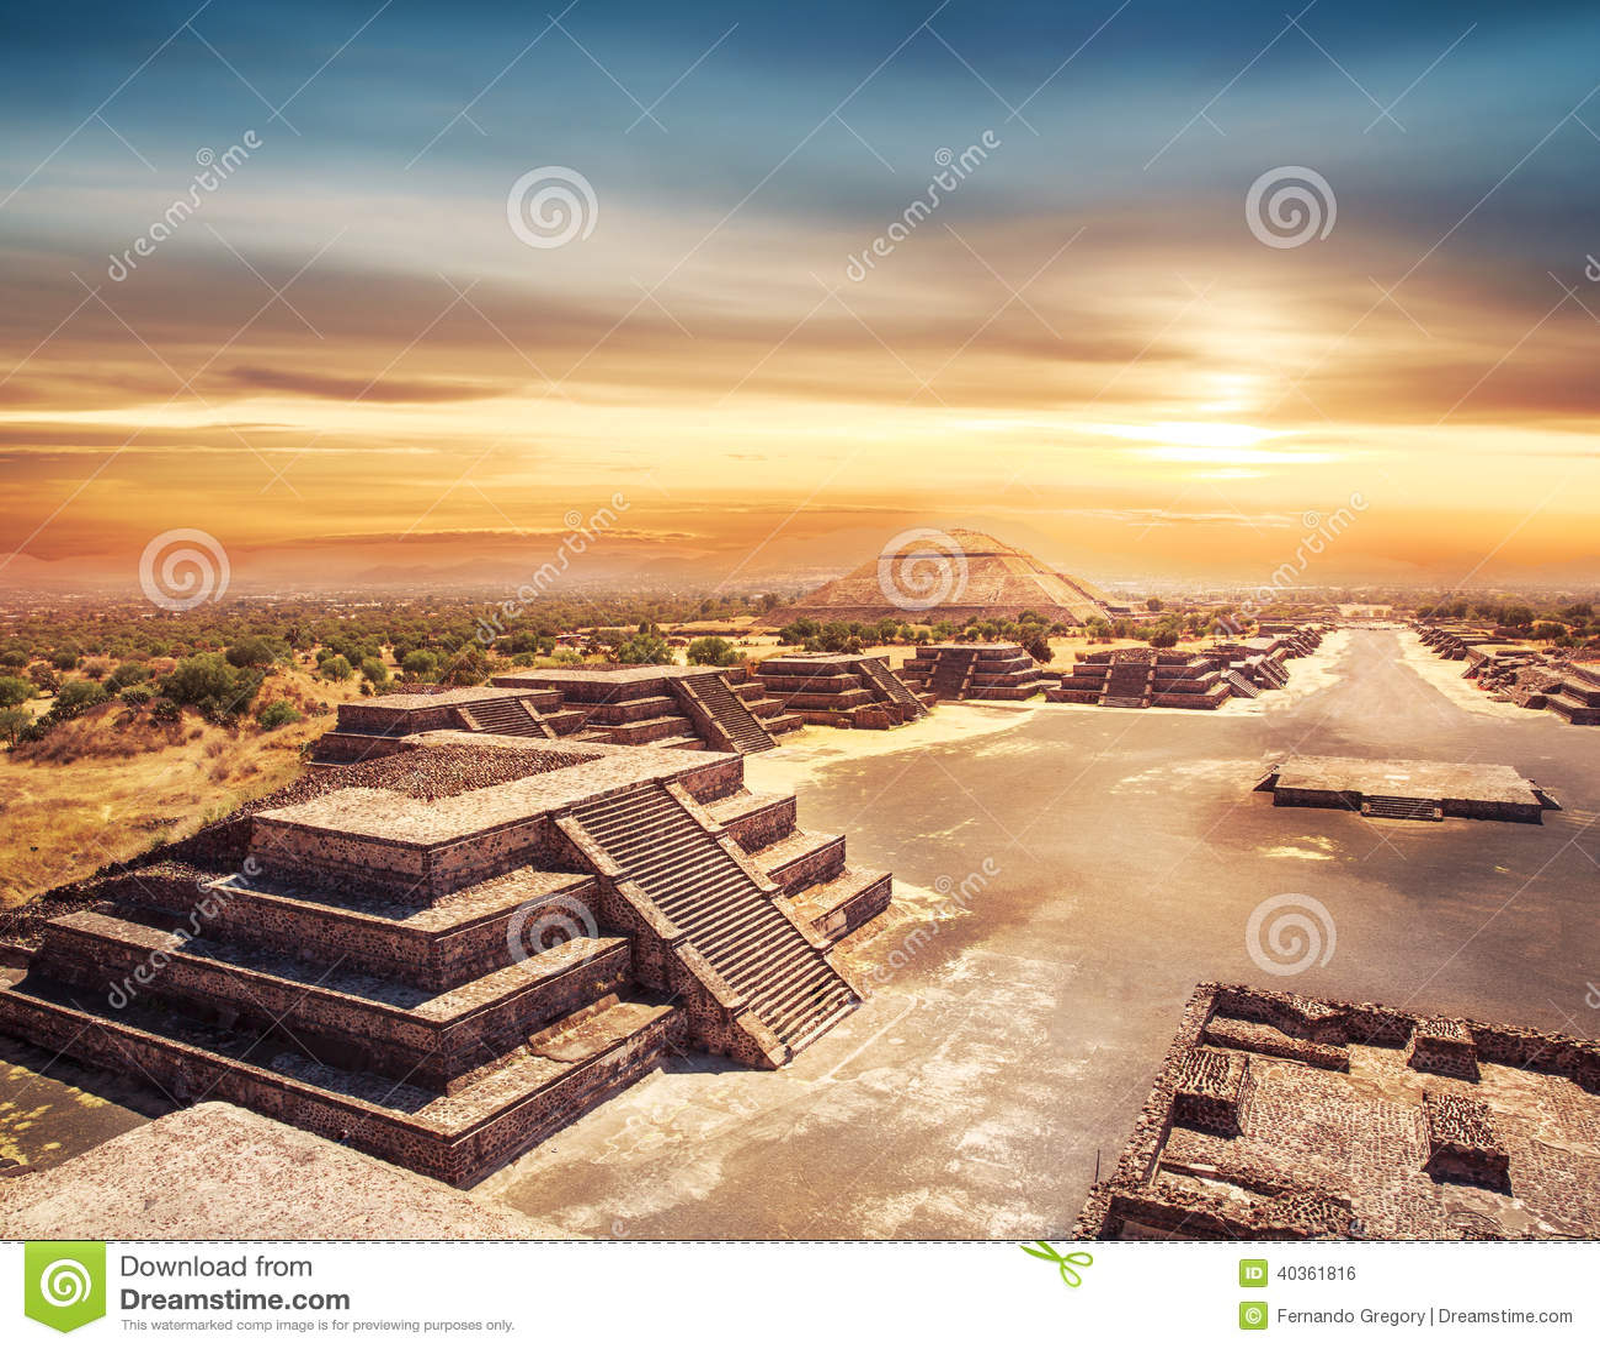 teotihuacan le mexique pyramide du soleil et l 39 avenue du de photo stock image 40361816. Black Bedroom Furniture Sets. Home Design Ideas